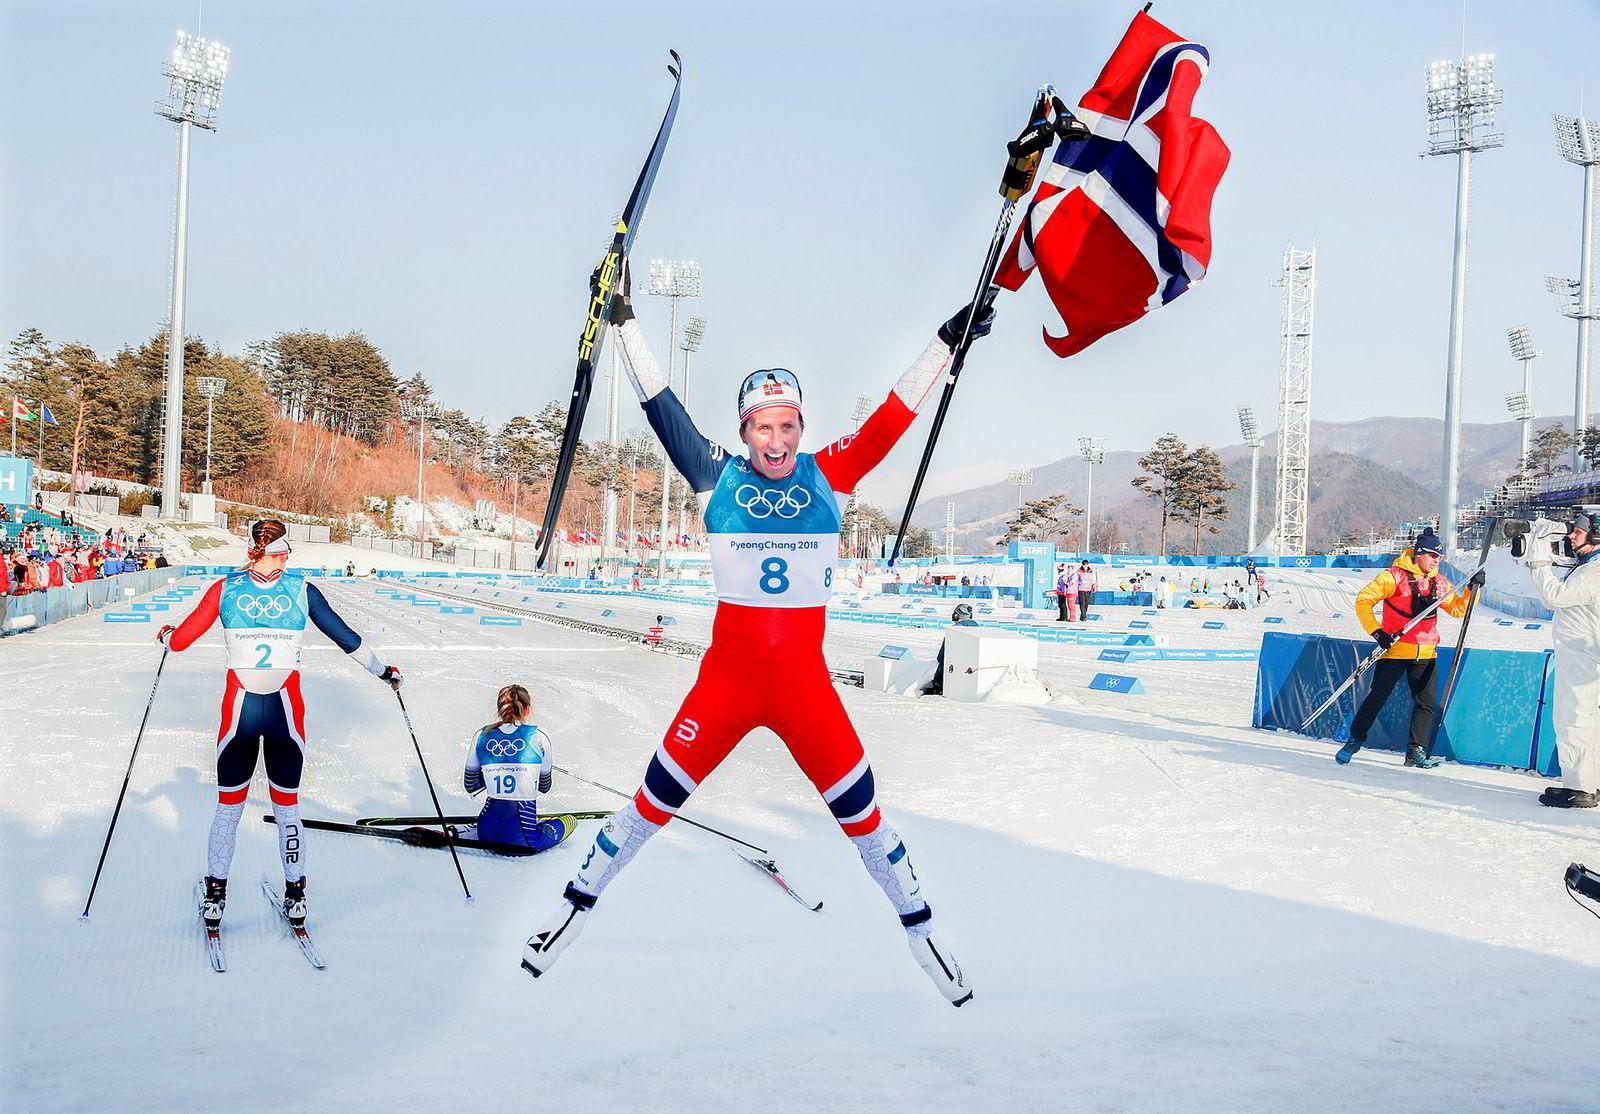 Discovery hadde rettighetene på fjorårets vinter-OL i Pyeongchang i Sør-Korea, der Marit Bjørgen ble OL-dronning med gull på klassisk 30 km.